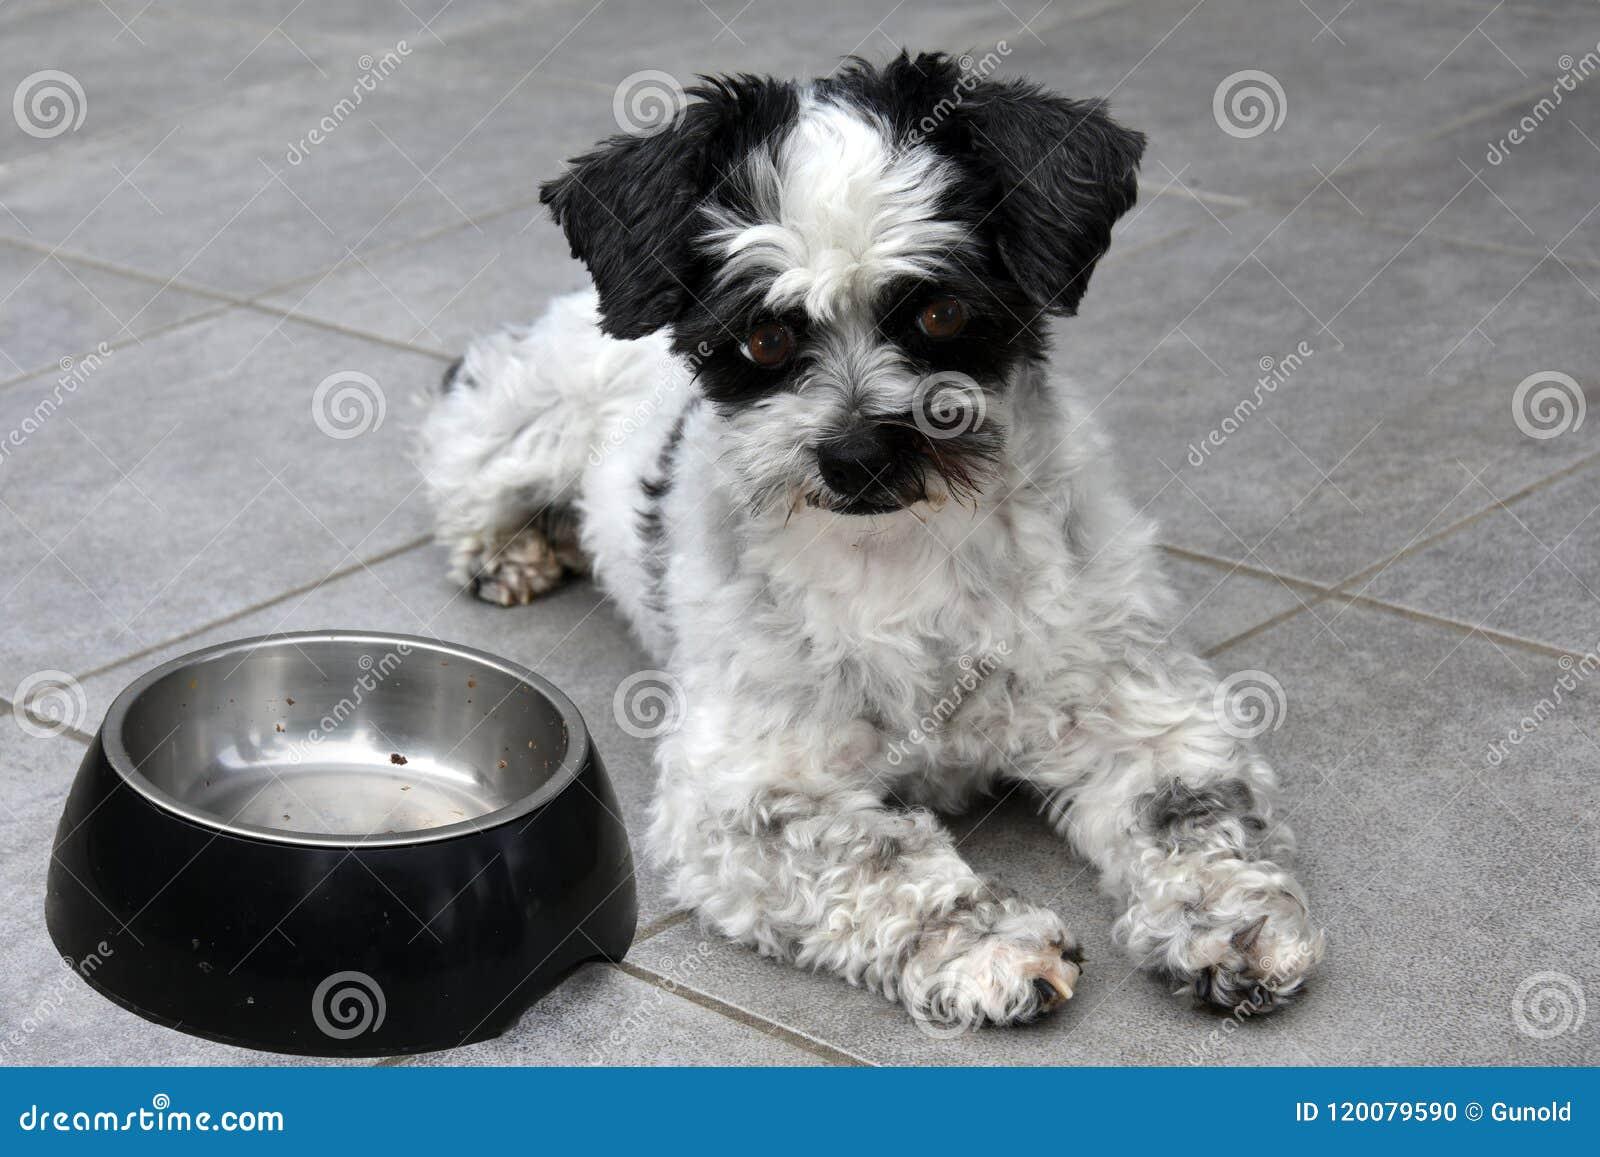 Я жду! Маленькая собака и пустое подавая блюдо